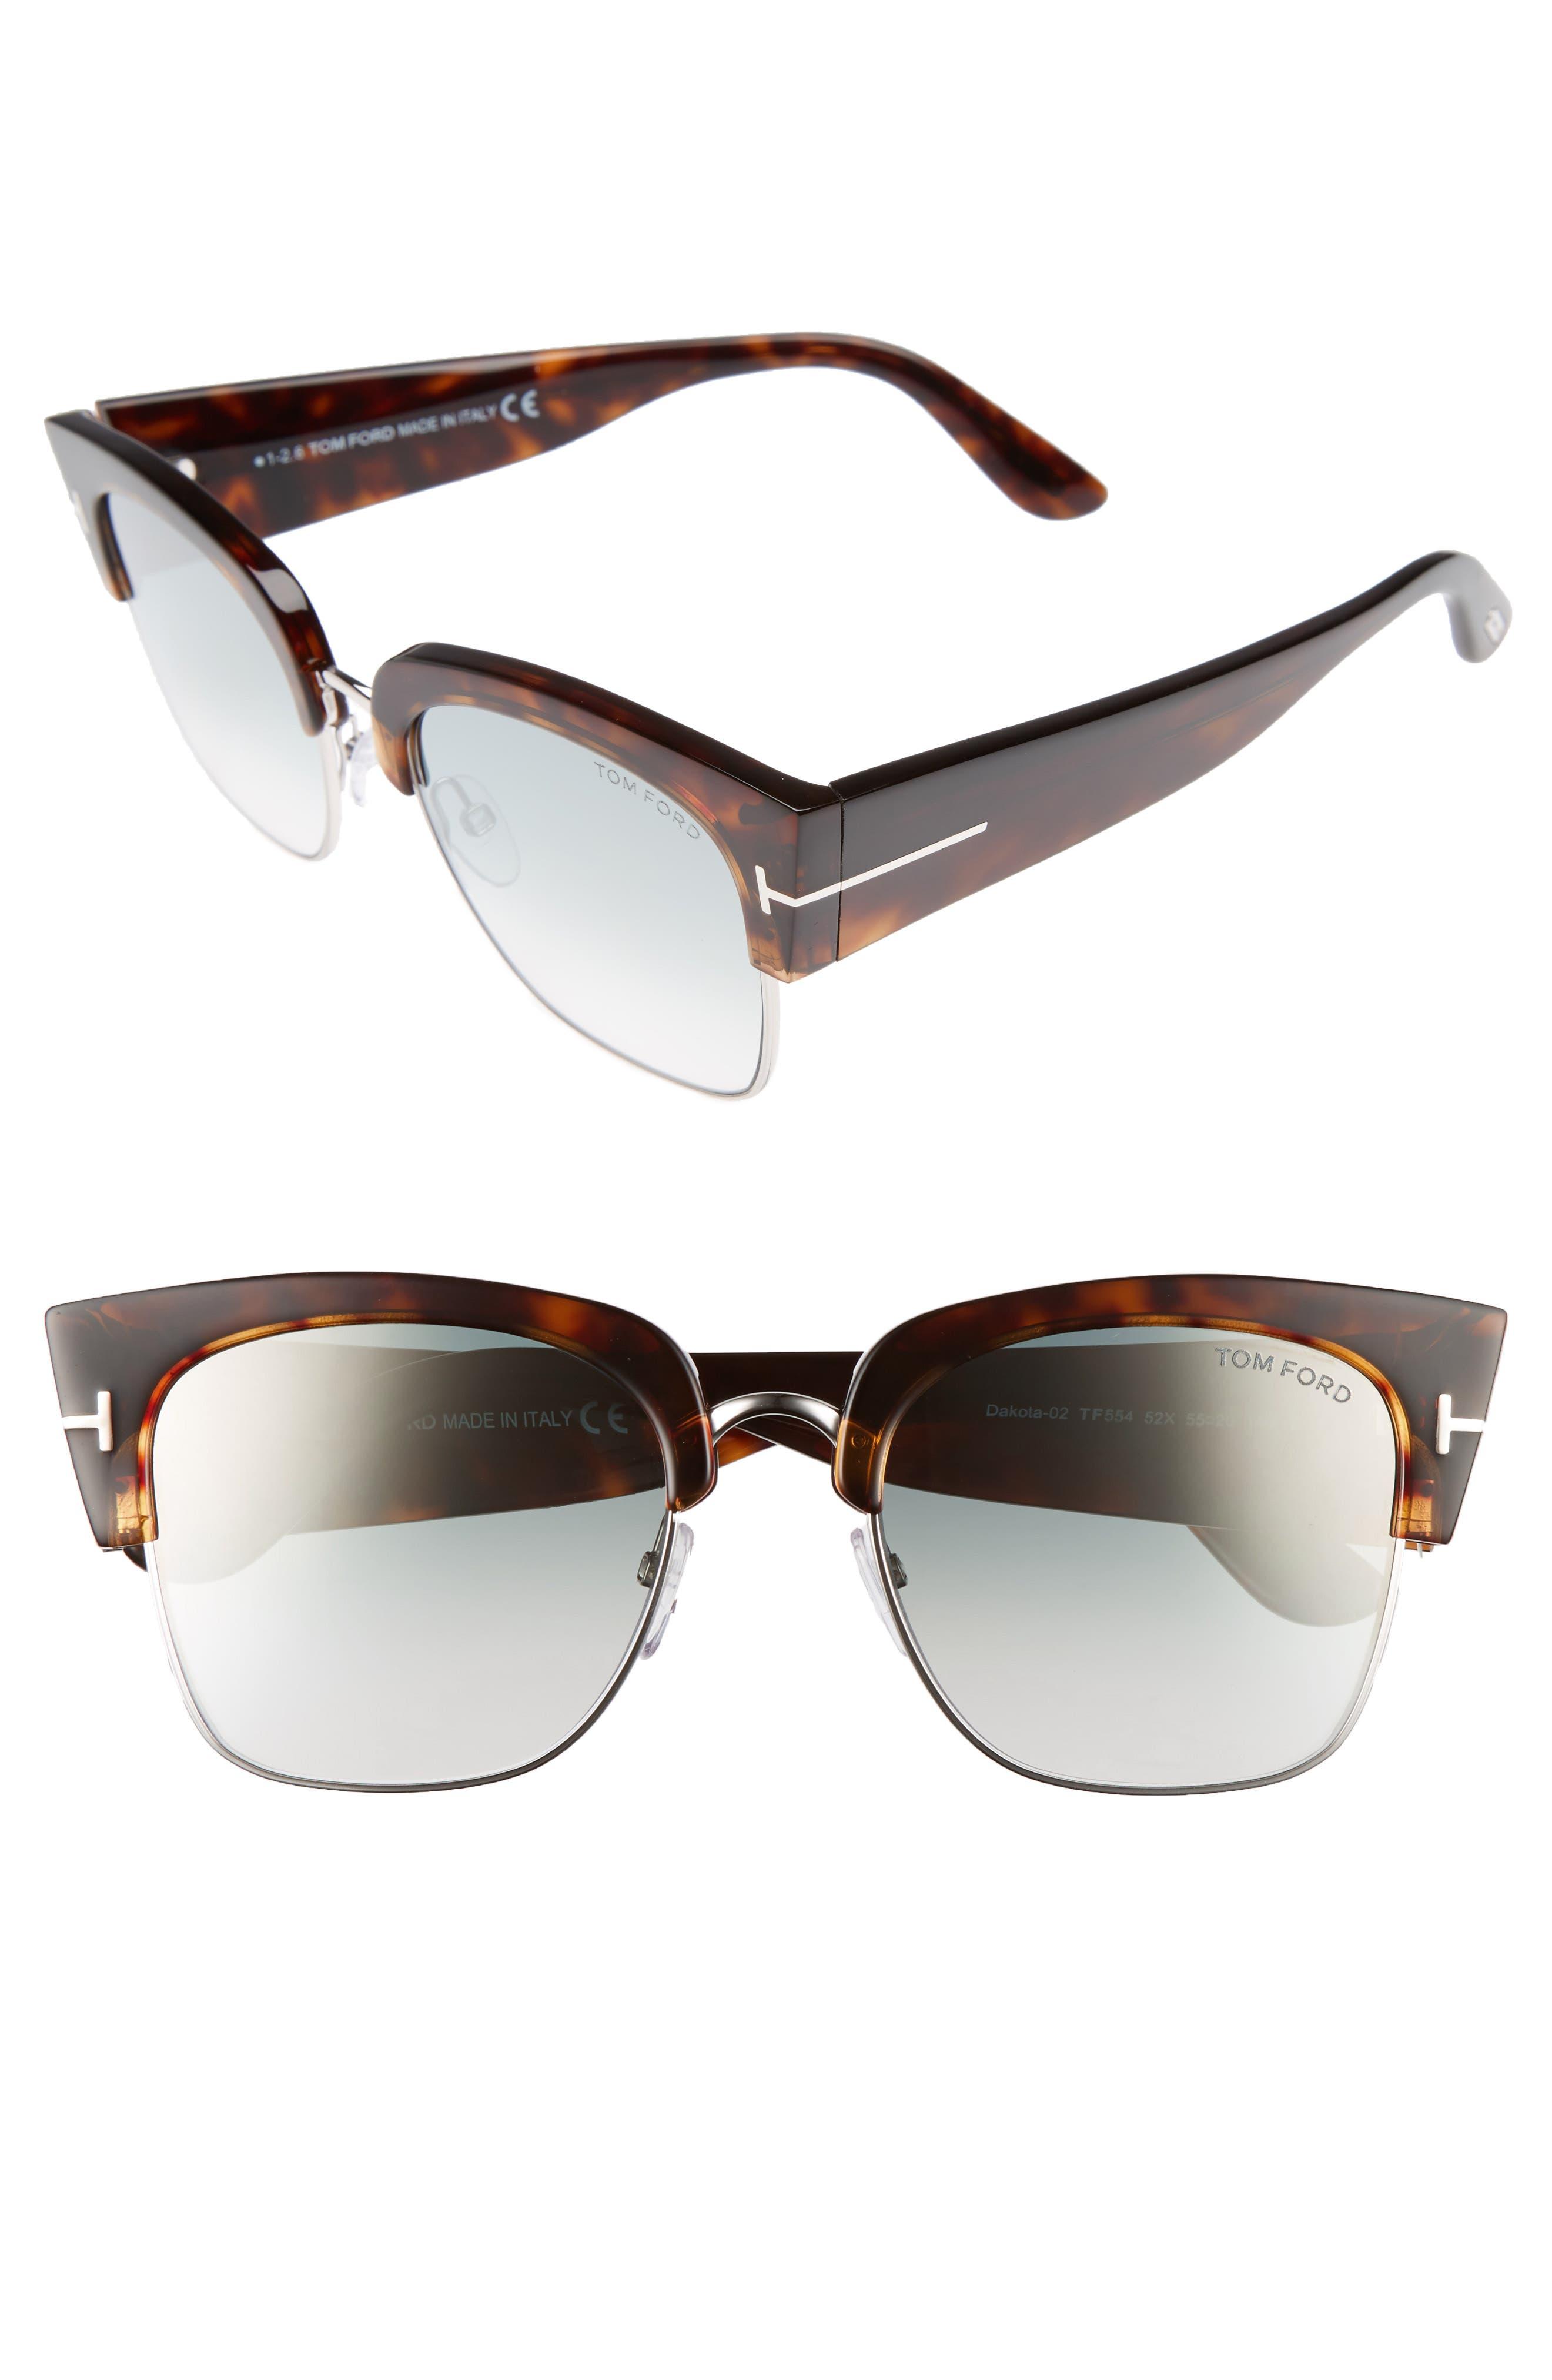 Dakota 55mm Gradient Square Sunglasses,                         Main,                         color, DARK HAVANA/ BLUE MIRROR